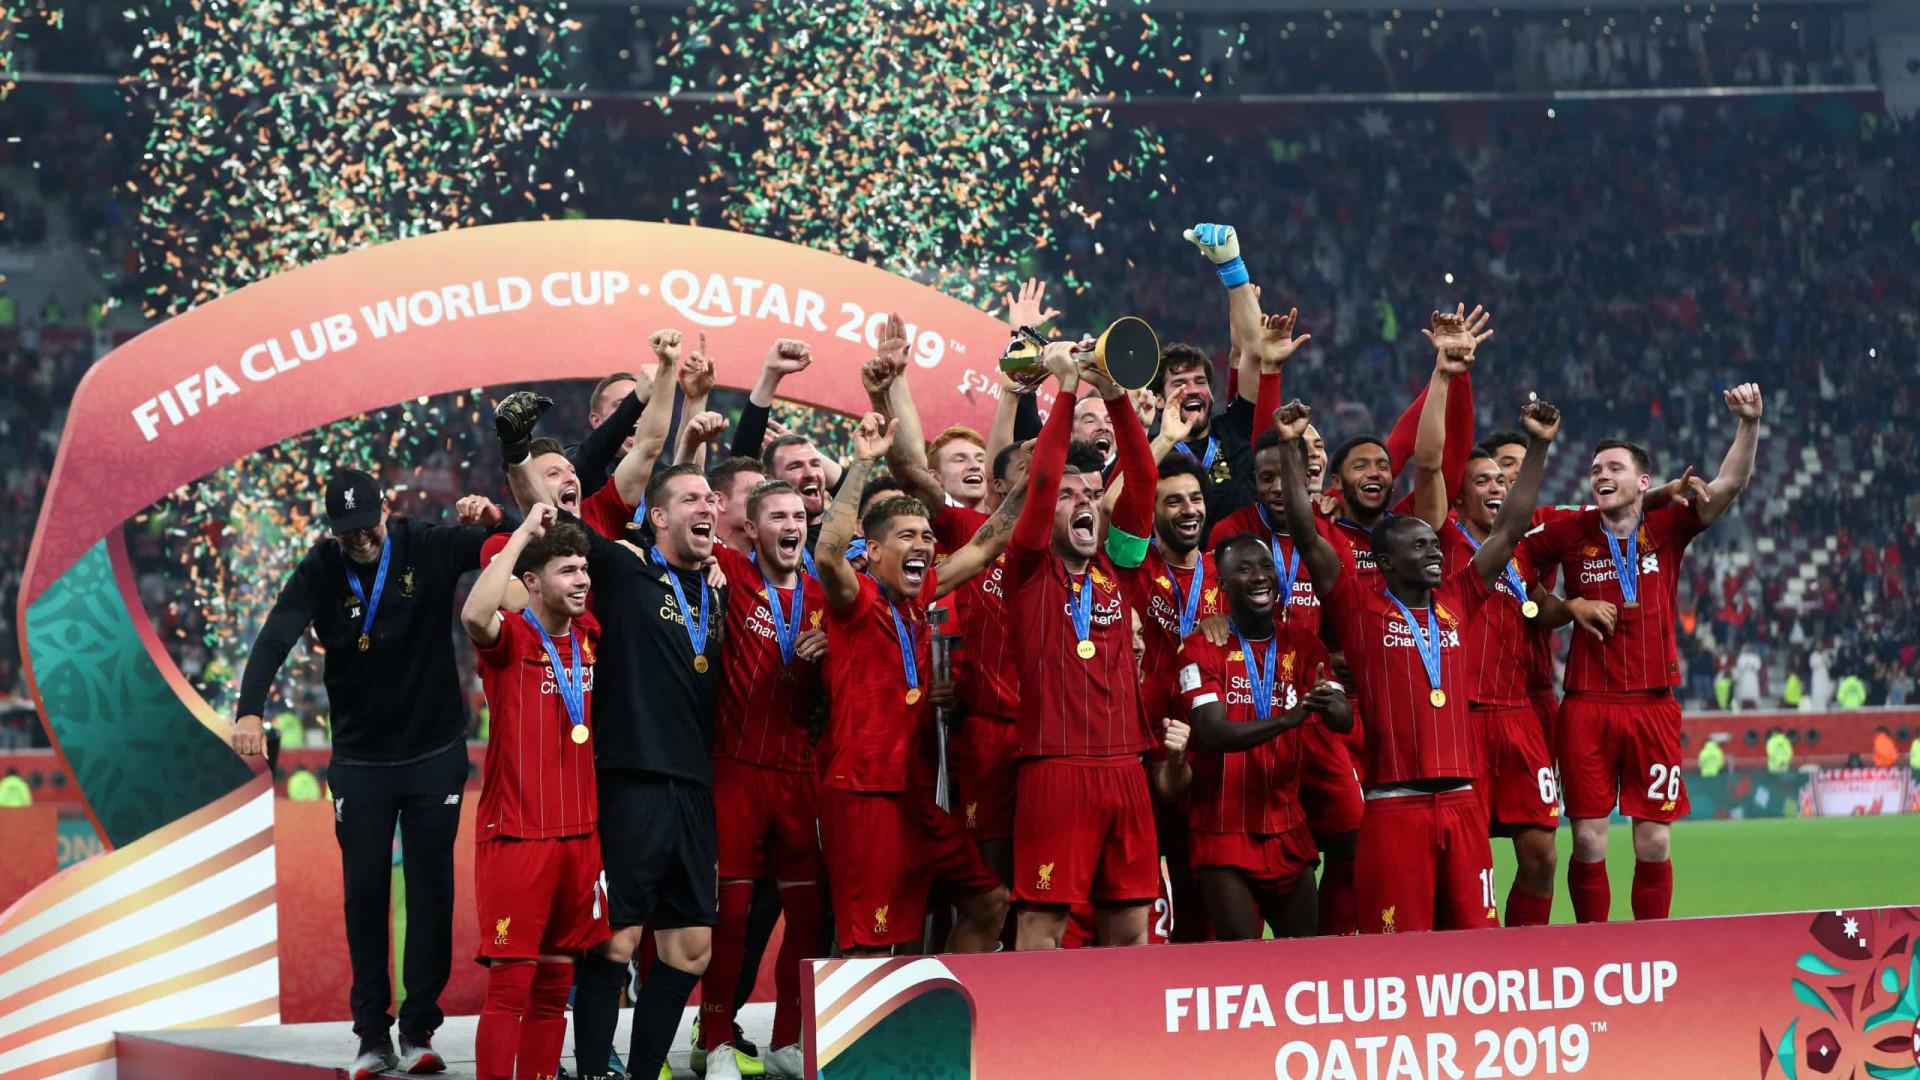 Mundial de Clubes não será realizado este ano